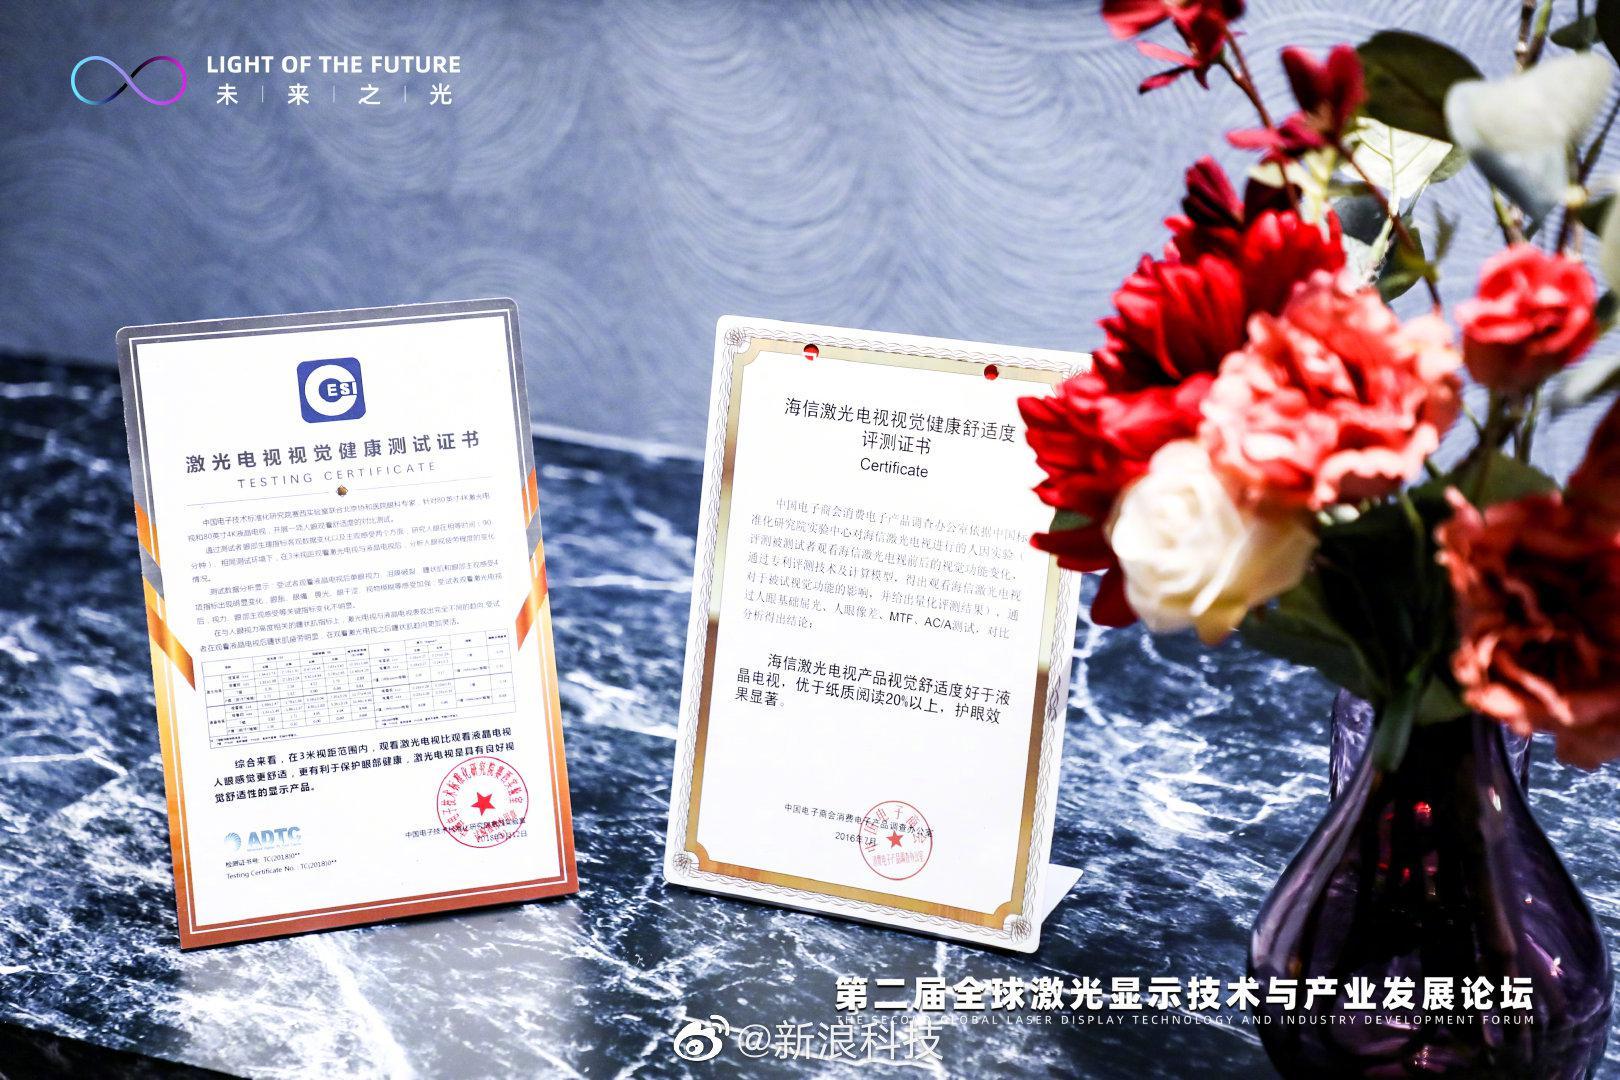 中国企业掌握显示技术话语权进入激光显示技术无人区